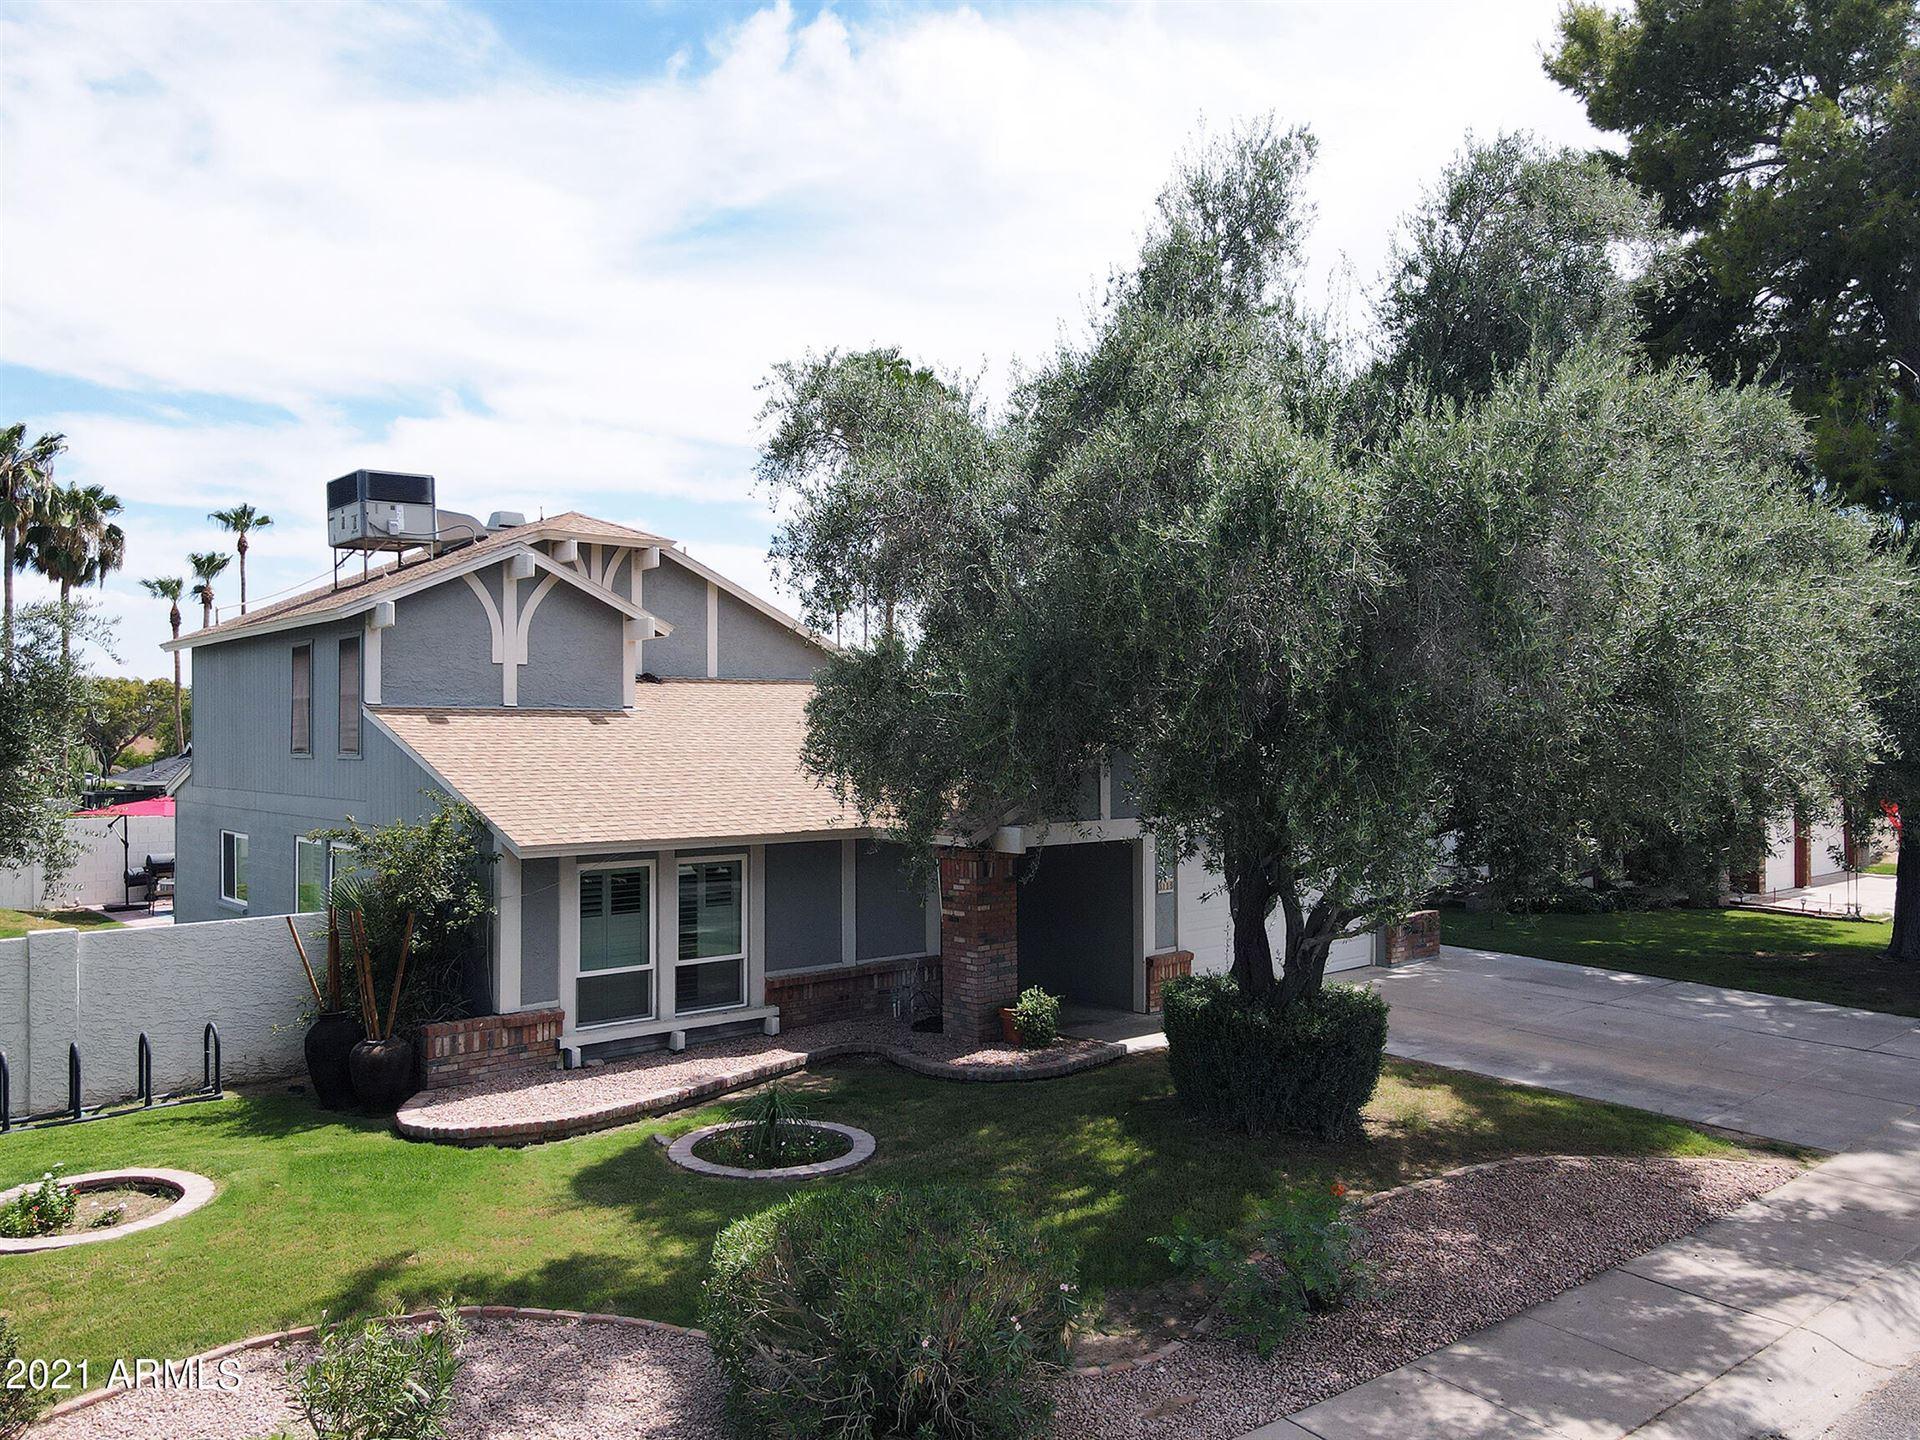 8113 E MCLELLAN Boulevard, Scottsdale, AZ 85250 - MLS#: 6281339